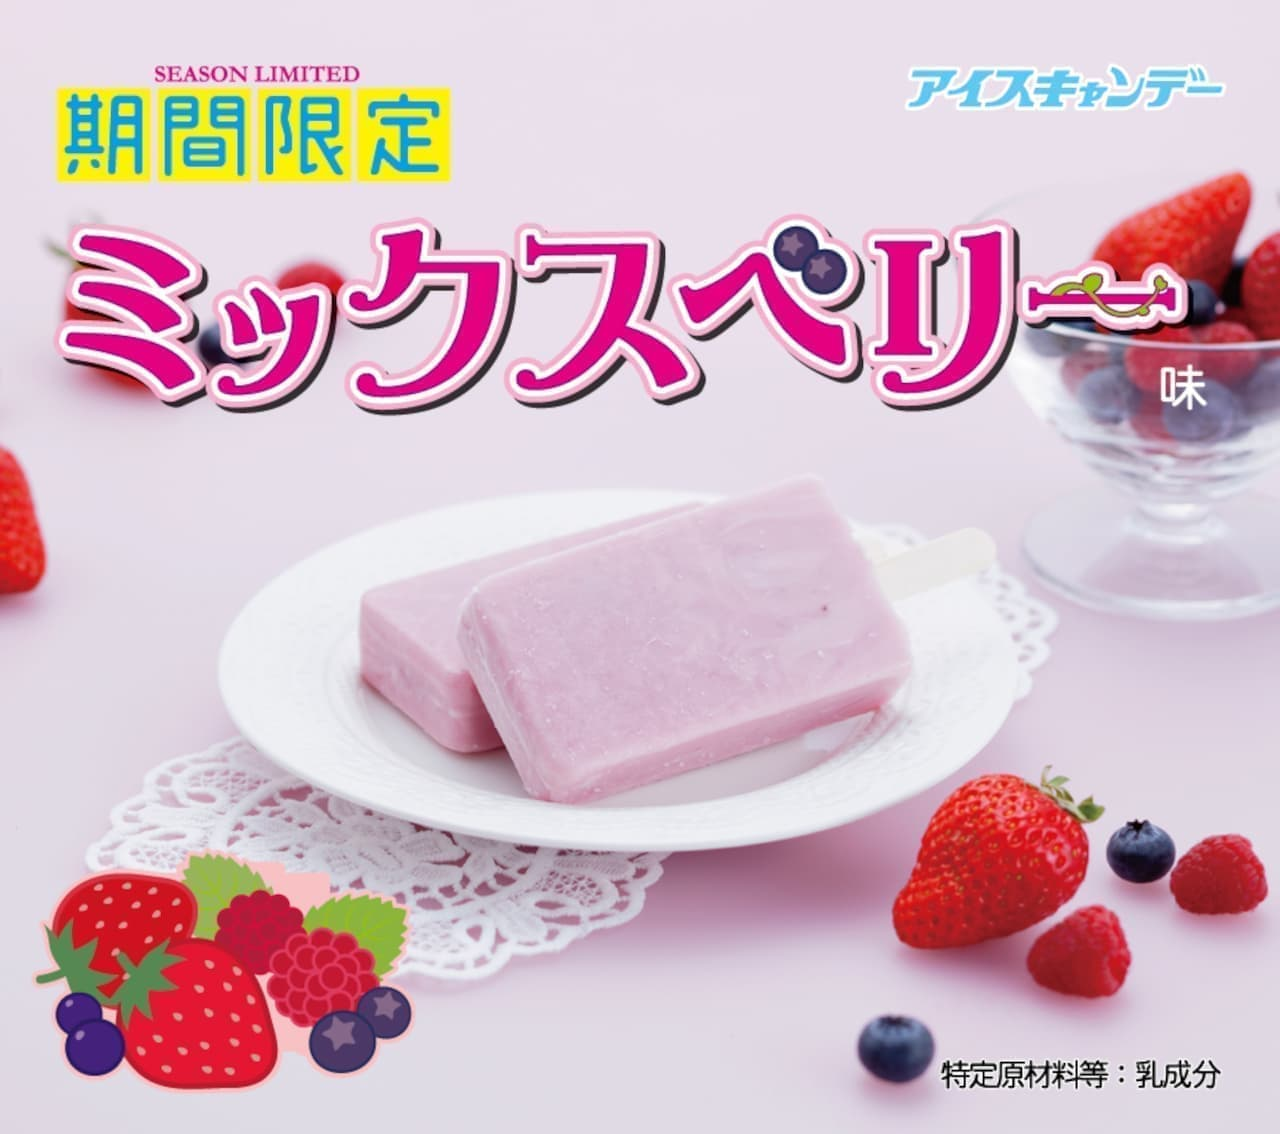 551HORAI 夏季限定アイスキャンデー「ミックスベリー」